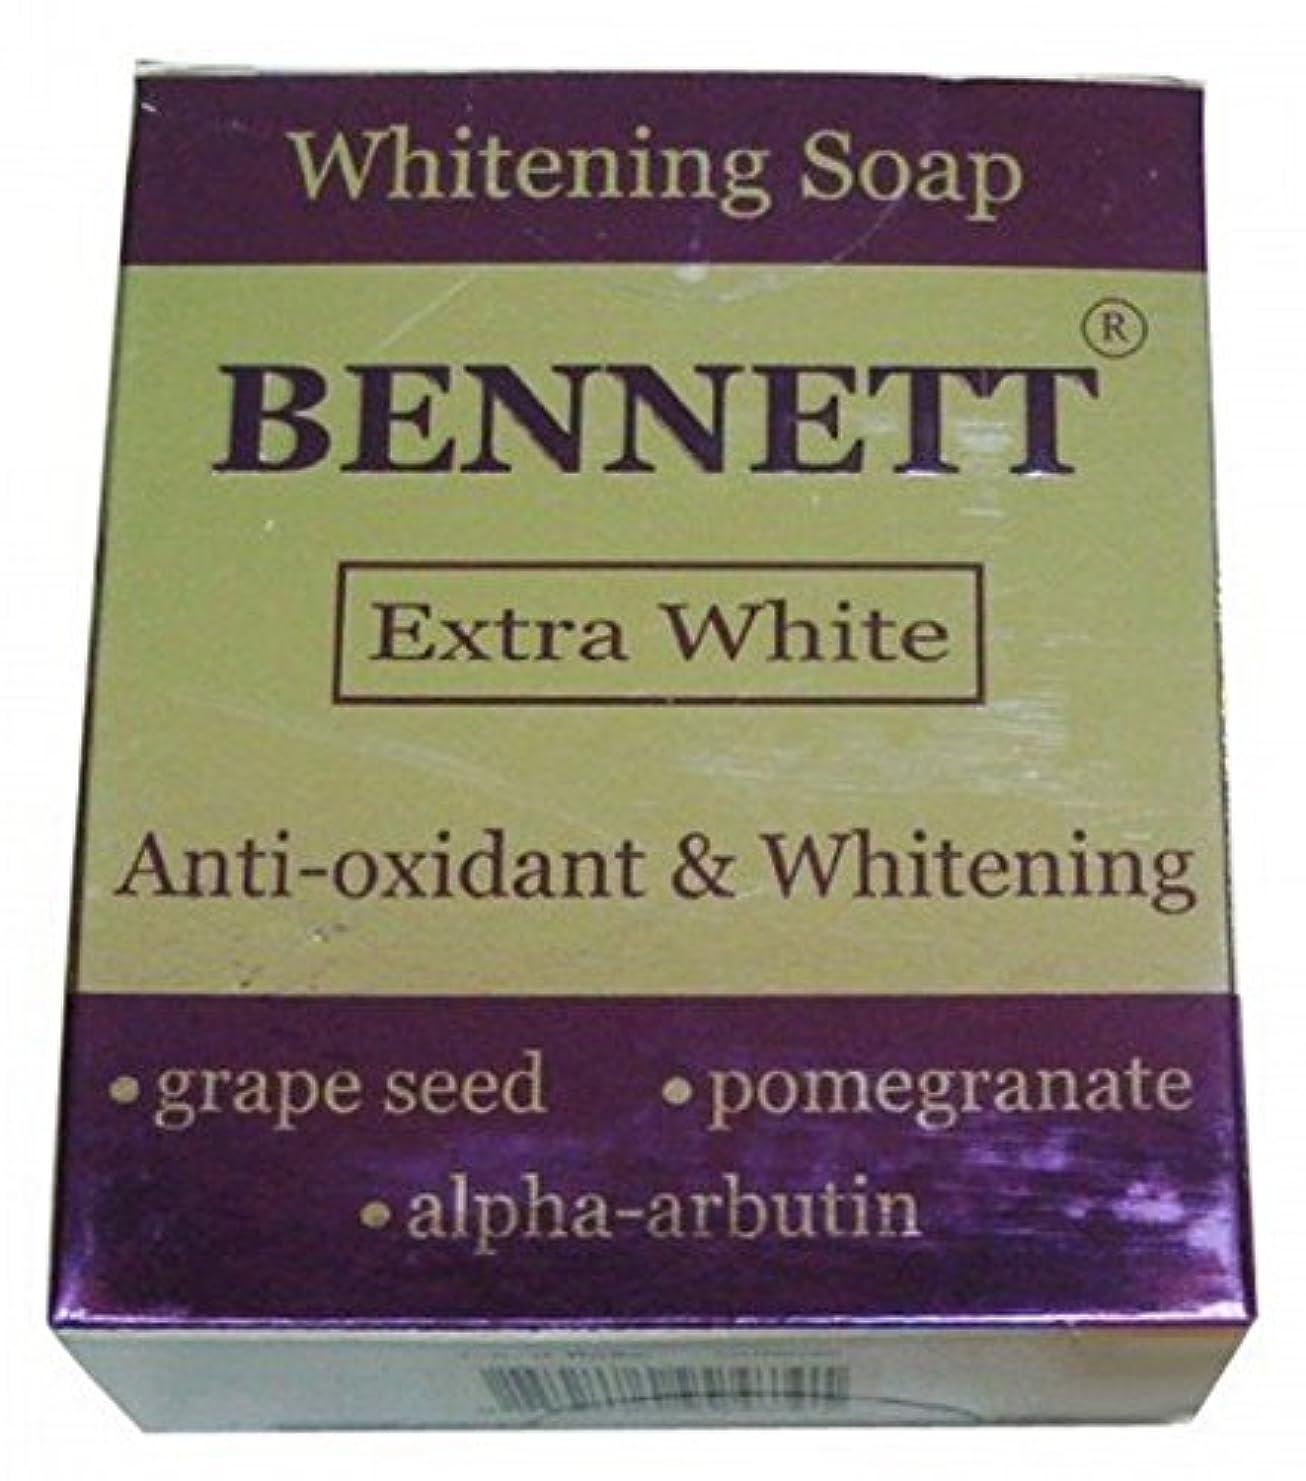 いつも合意くしゃくしゃ新しいBennett Extraホワイトanti-oxidantアルファアルブチンExtreme Whitening Soap 130 g / 4.6oz